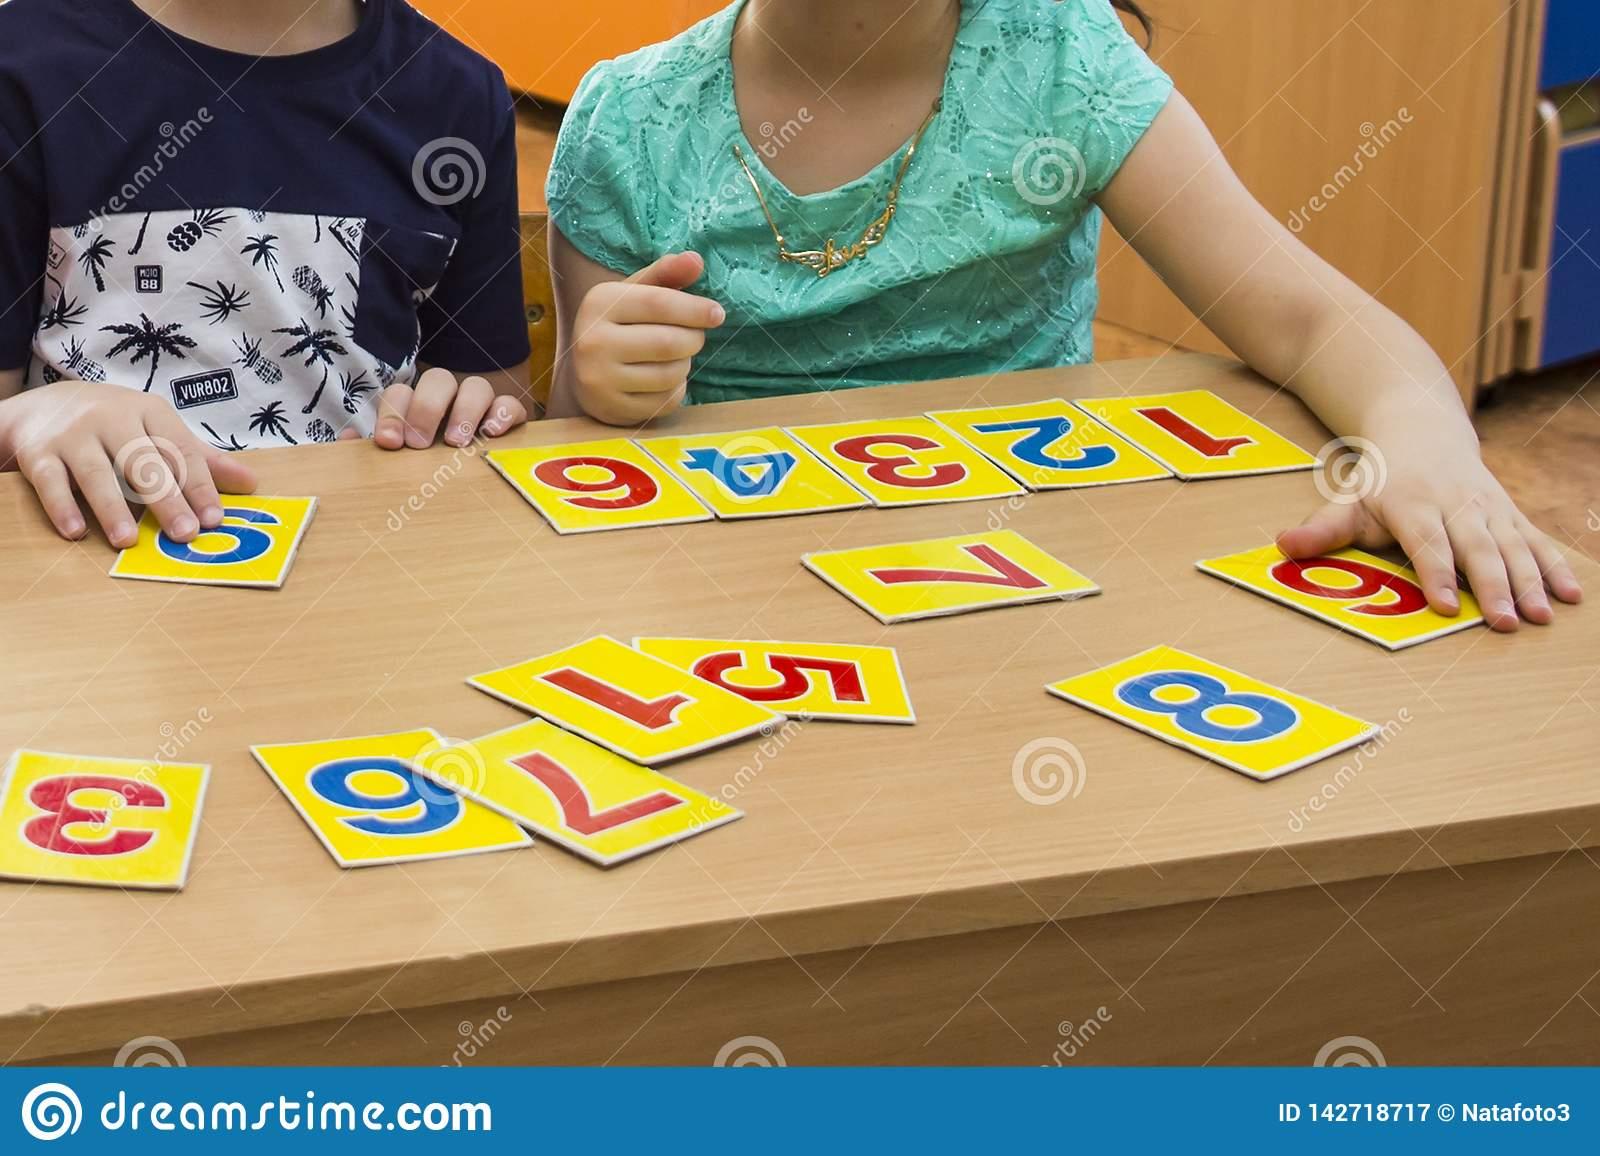 Les Enfants Jouent Jeux Éducatifs Un Enfant Dans Le Jardin D concernant Jeux Enfant Educatif